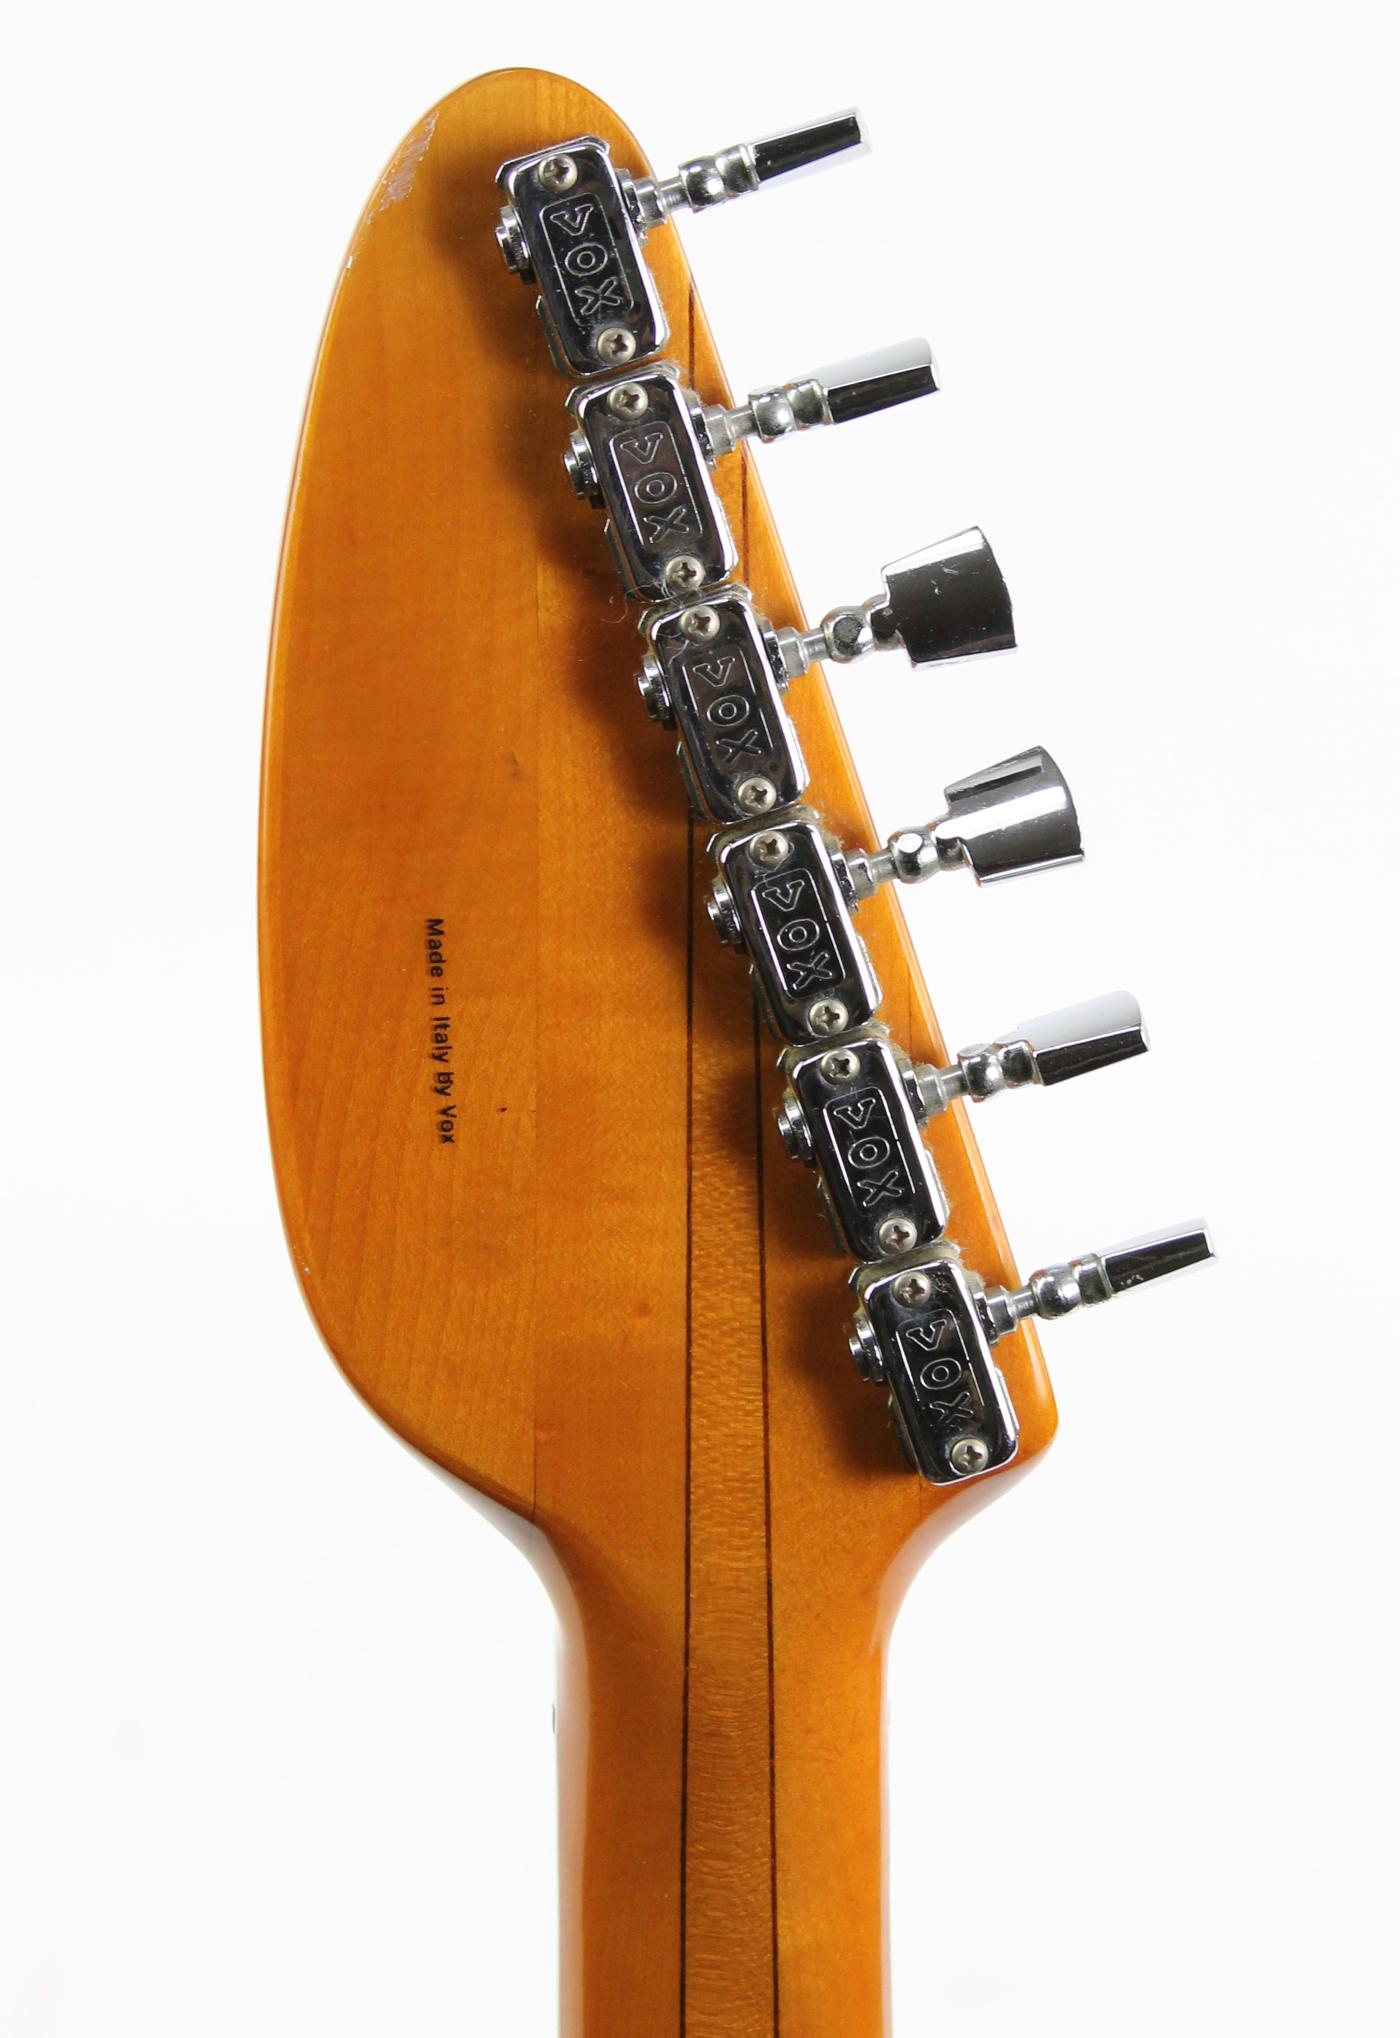 1960s Vox Ultrasonic detail 4